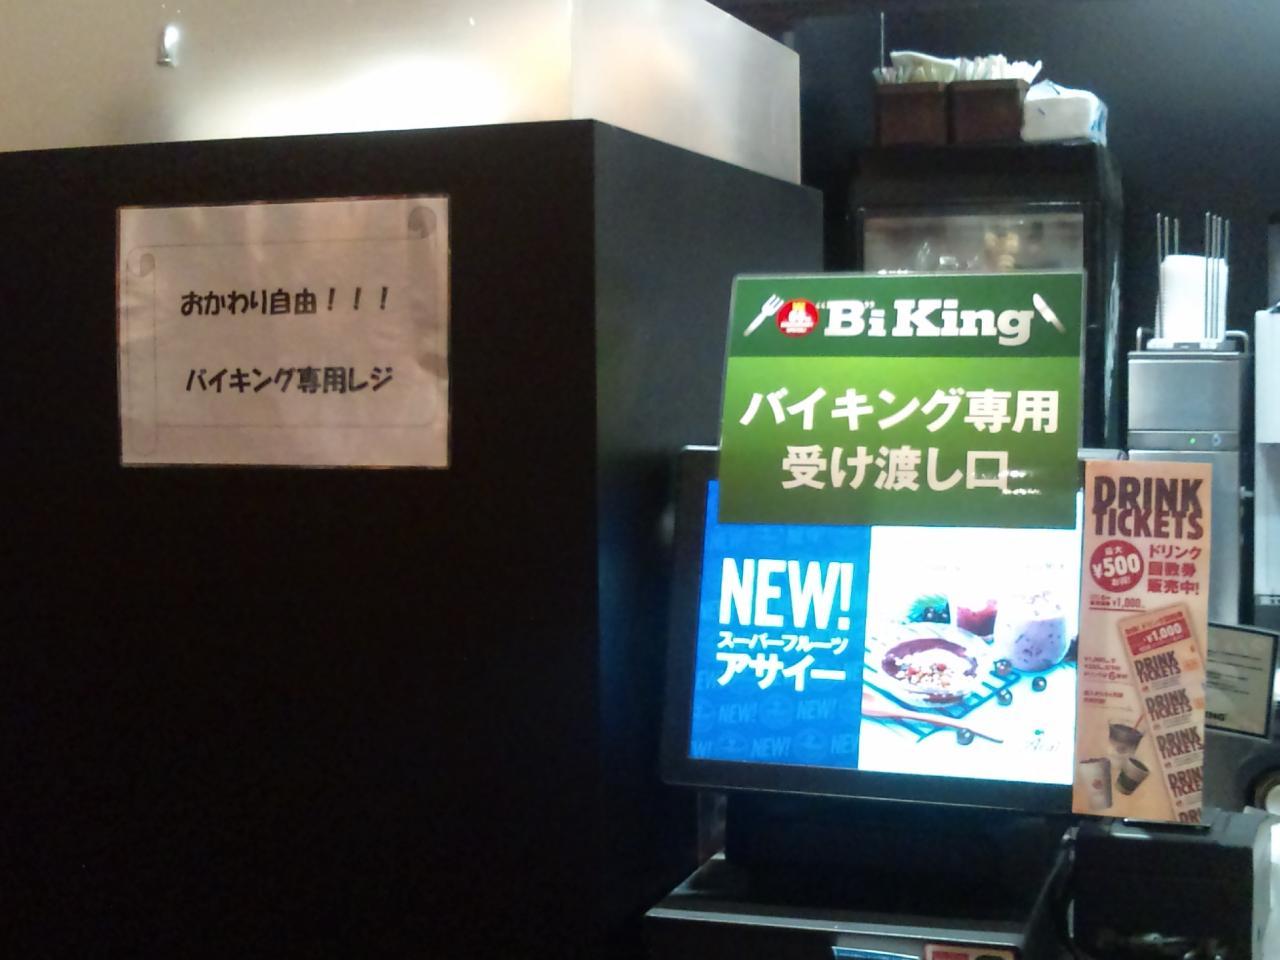 バーガーキング武蔵境店(店内)